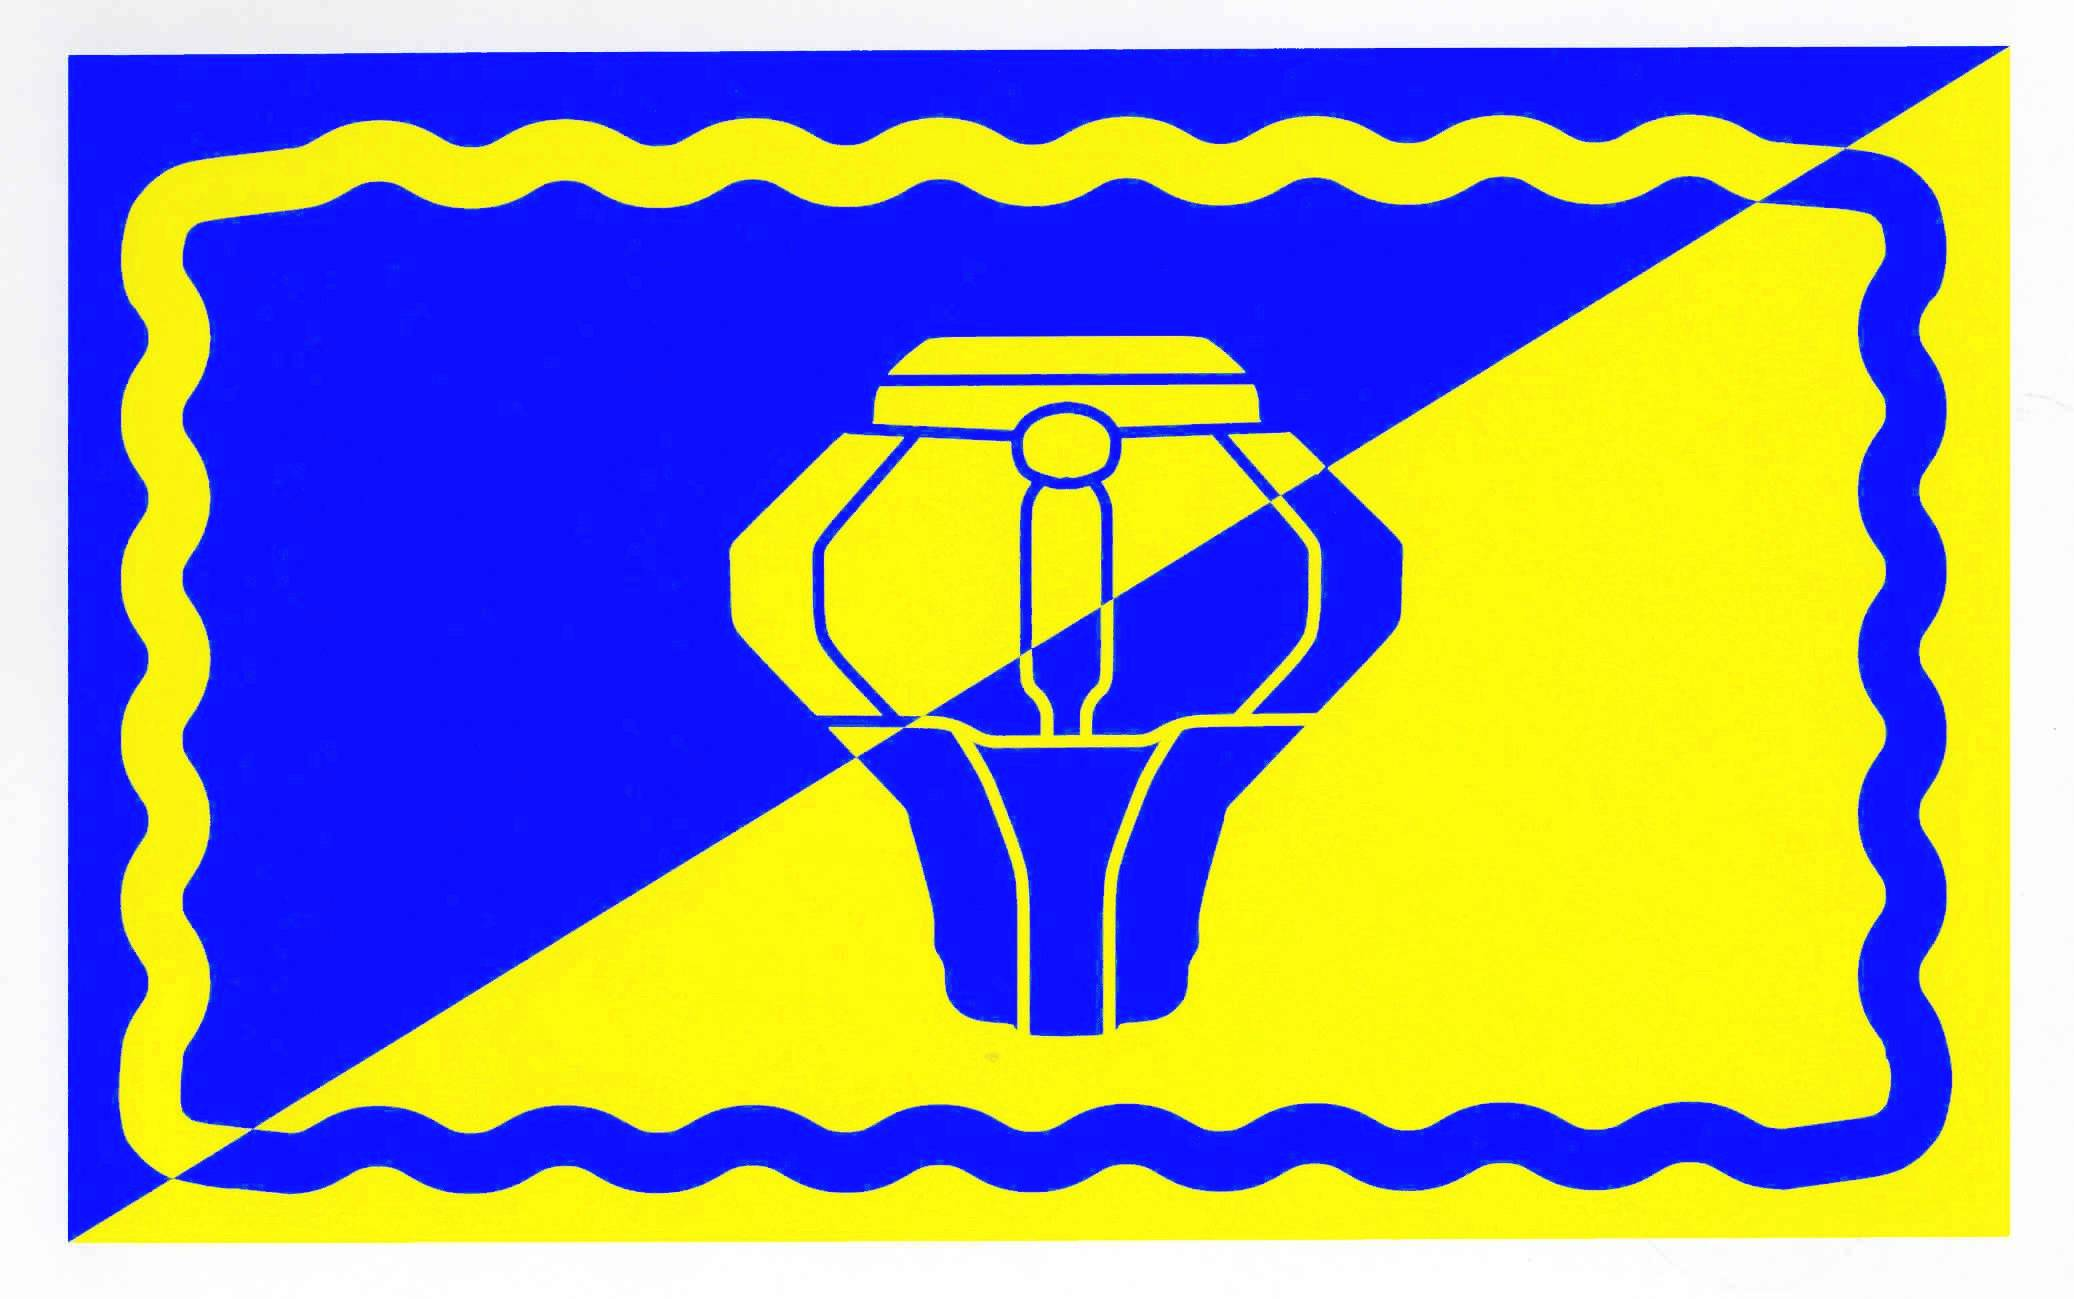 Flagge GemeindeTwedt, Kreis Schleswig-Flensburg